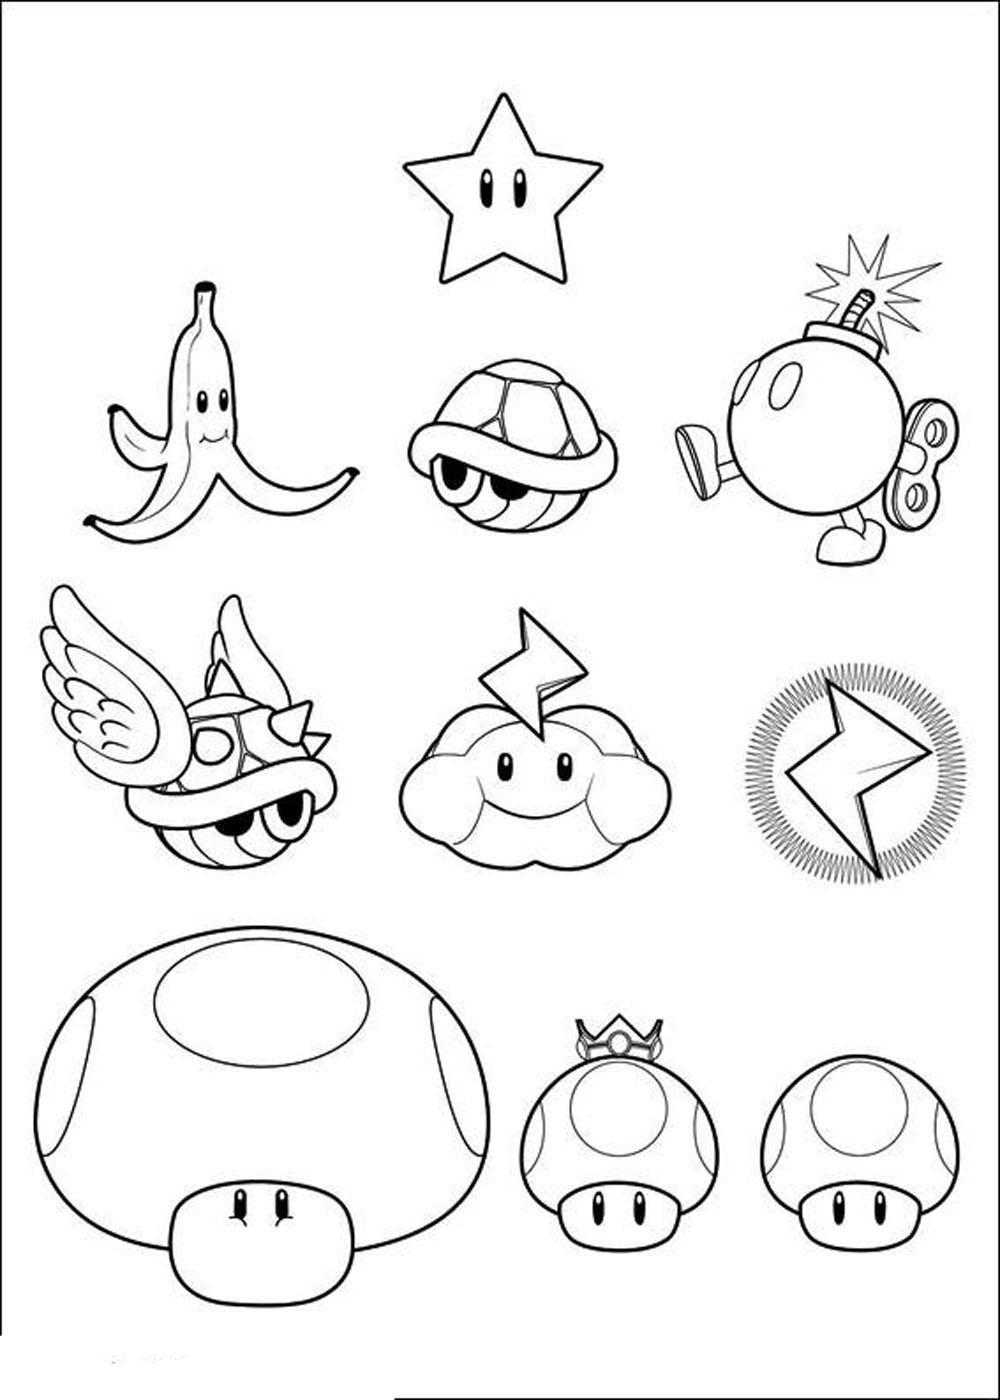 mario bros printable coloring pages super mario bros coloring pages printables mario pages coloring printable bros